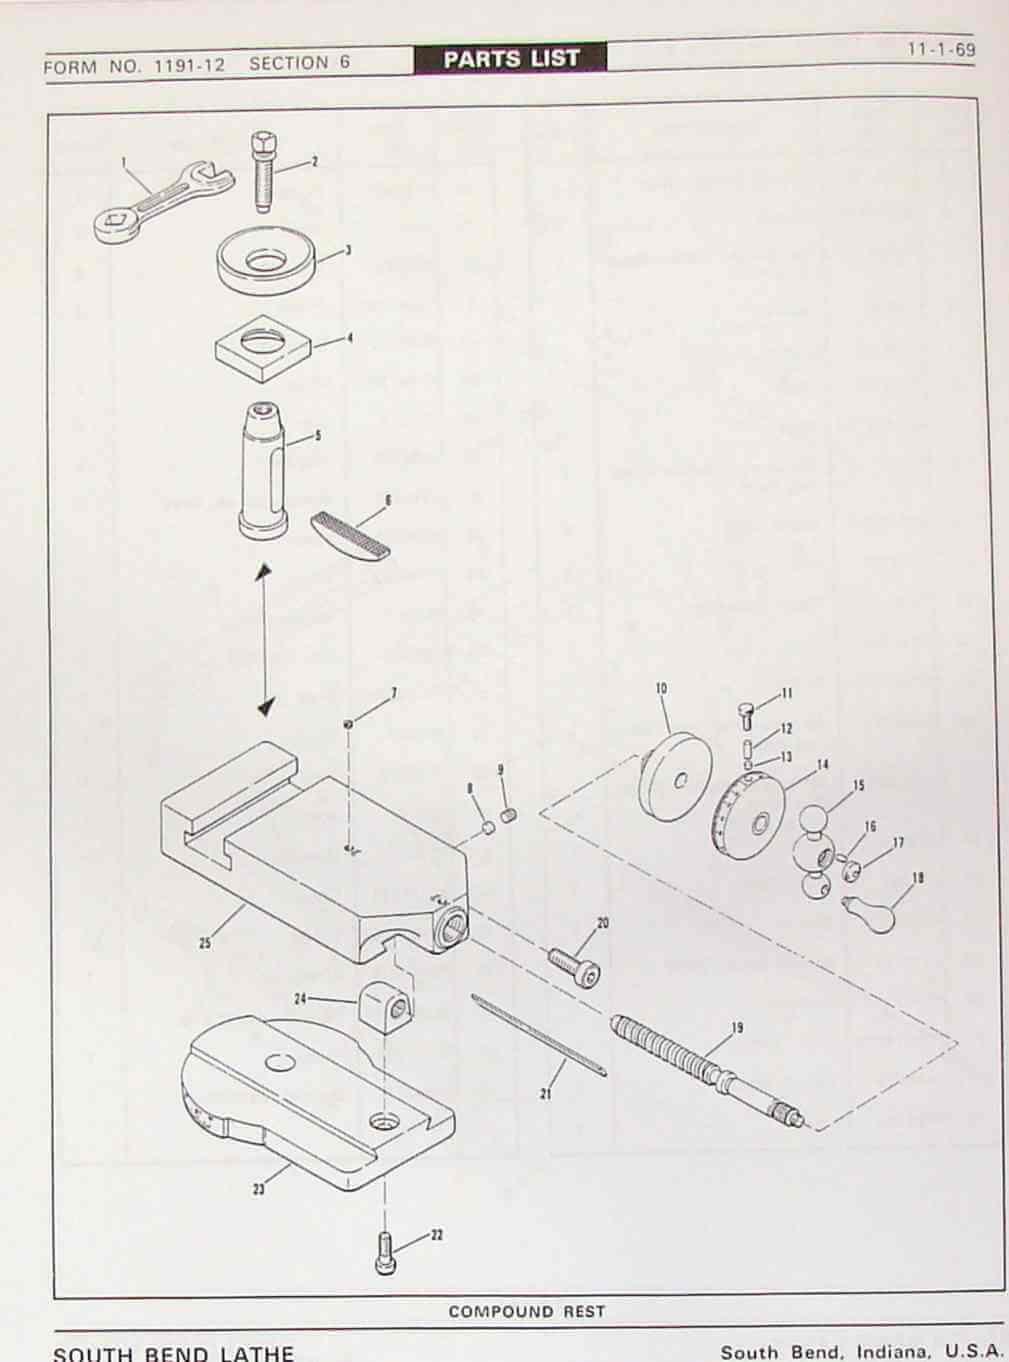 south bend model a lathe manual